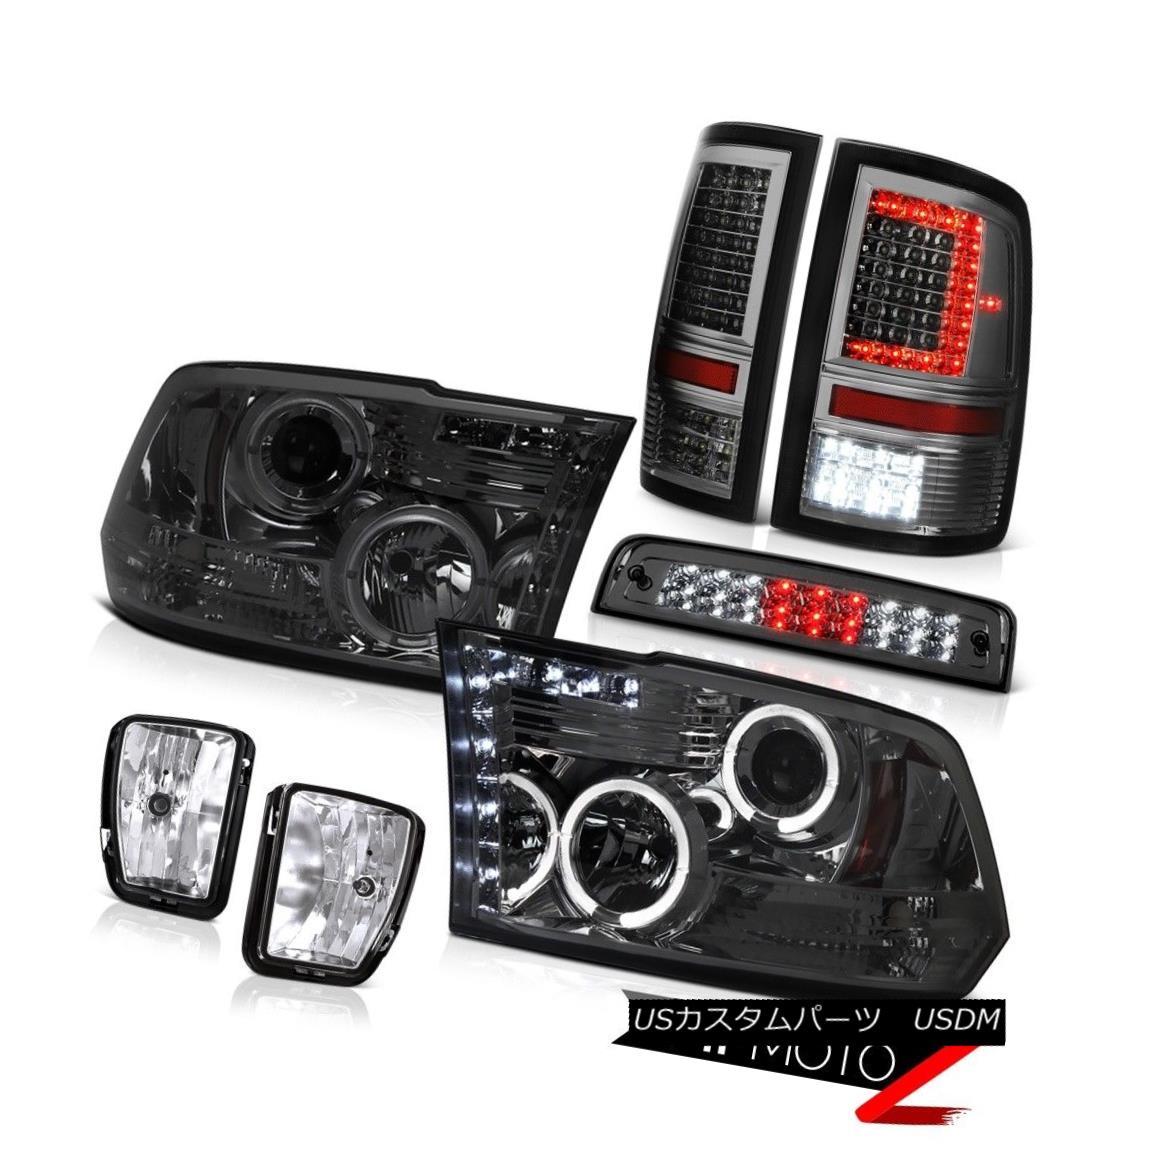 テールライト 13-18 RAM 1500 Tail Lights 3rd Brake Driving Light Headlamp Replacement SET PAIR 13-18 RAM 1500テールライト3rdブレーキ駆動ライトヘッドランプ交換SET PAIR